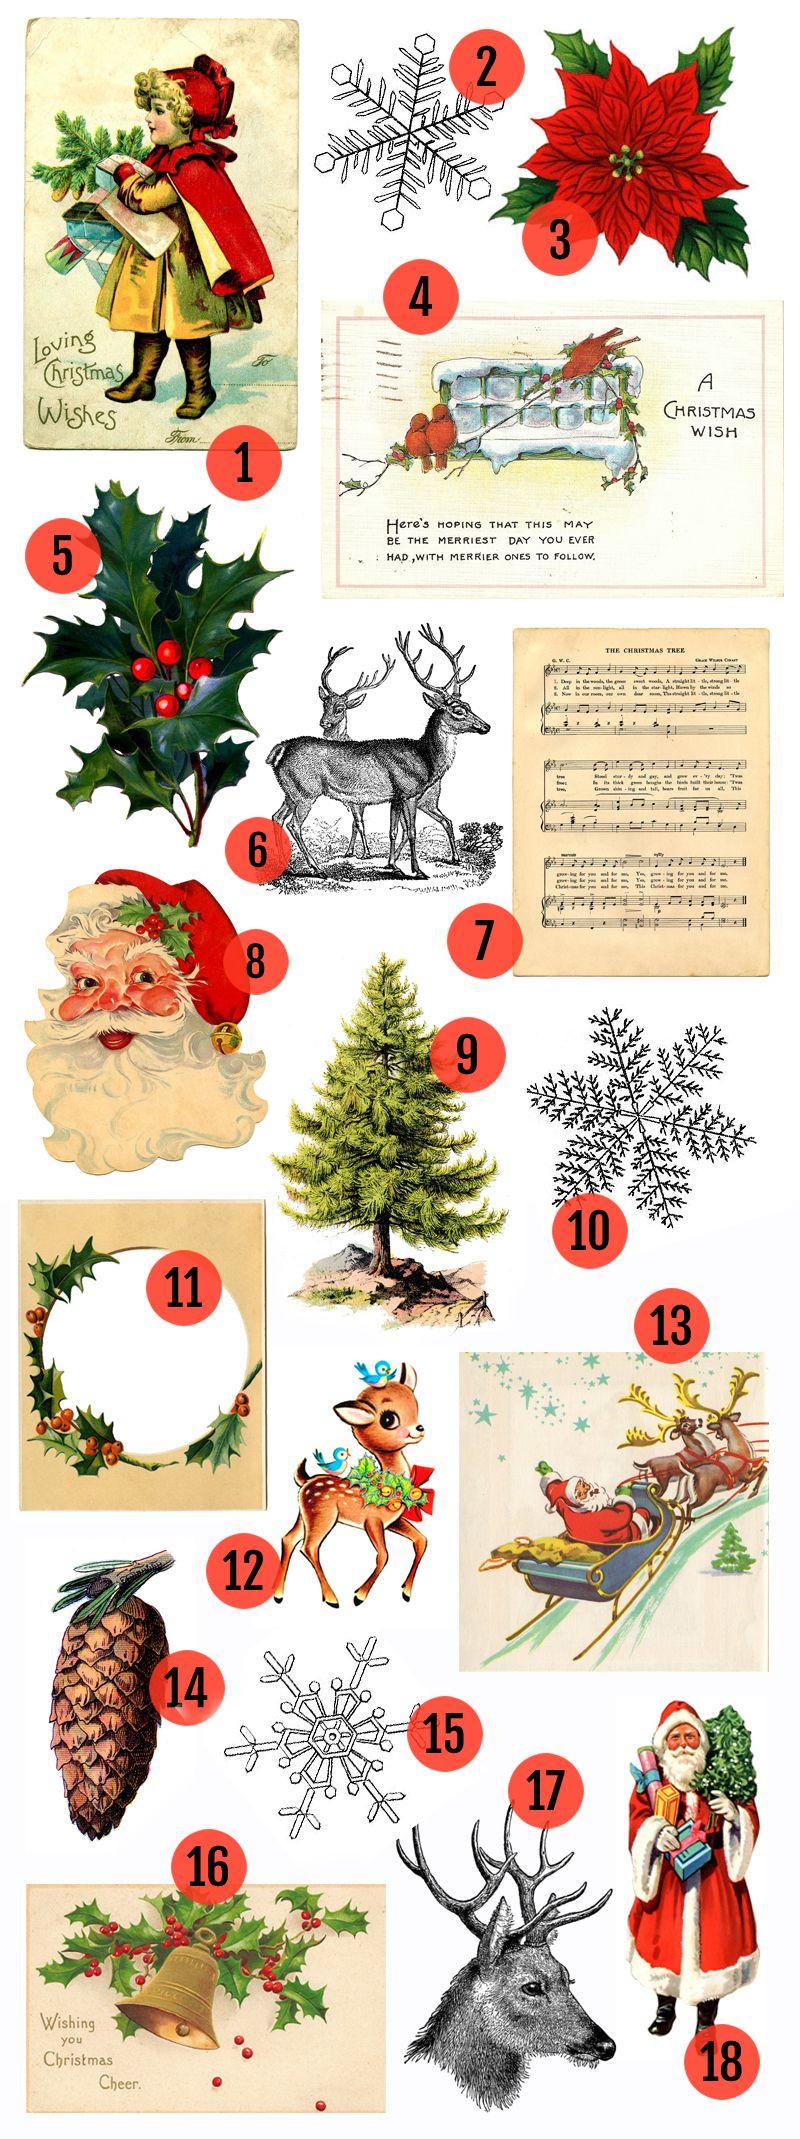 Free Christmas Printable & Vintage Christmas Clip Art | Christmas - Free Printable Vintage Christmas Images